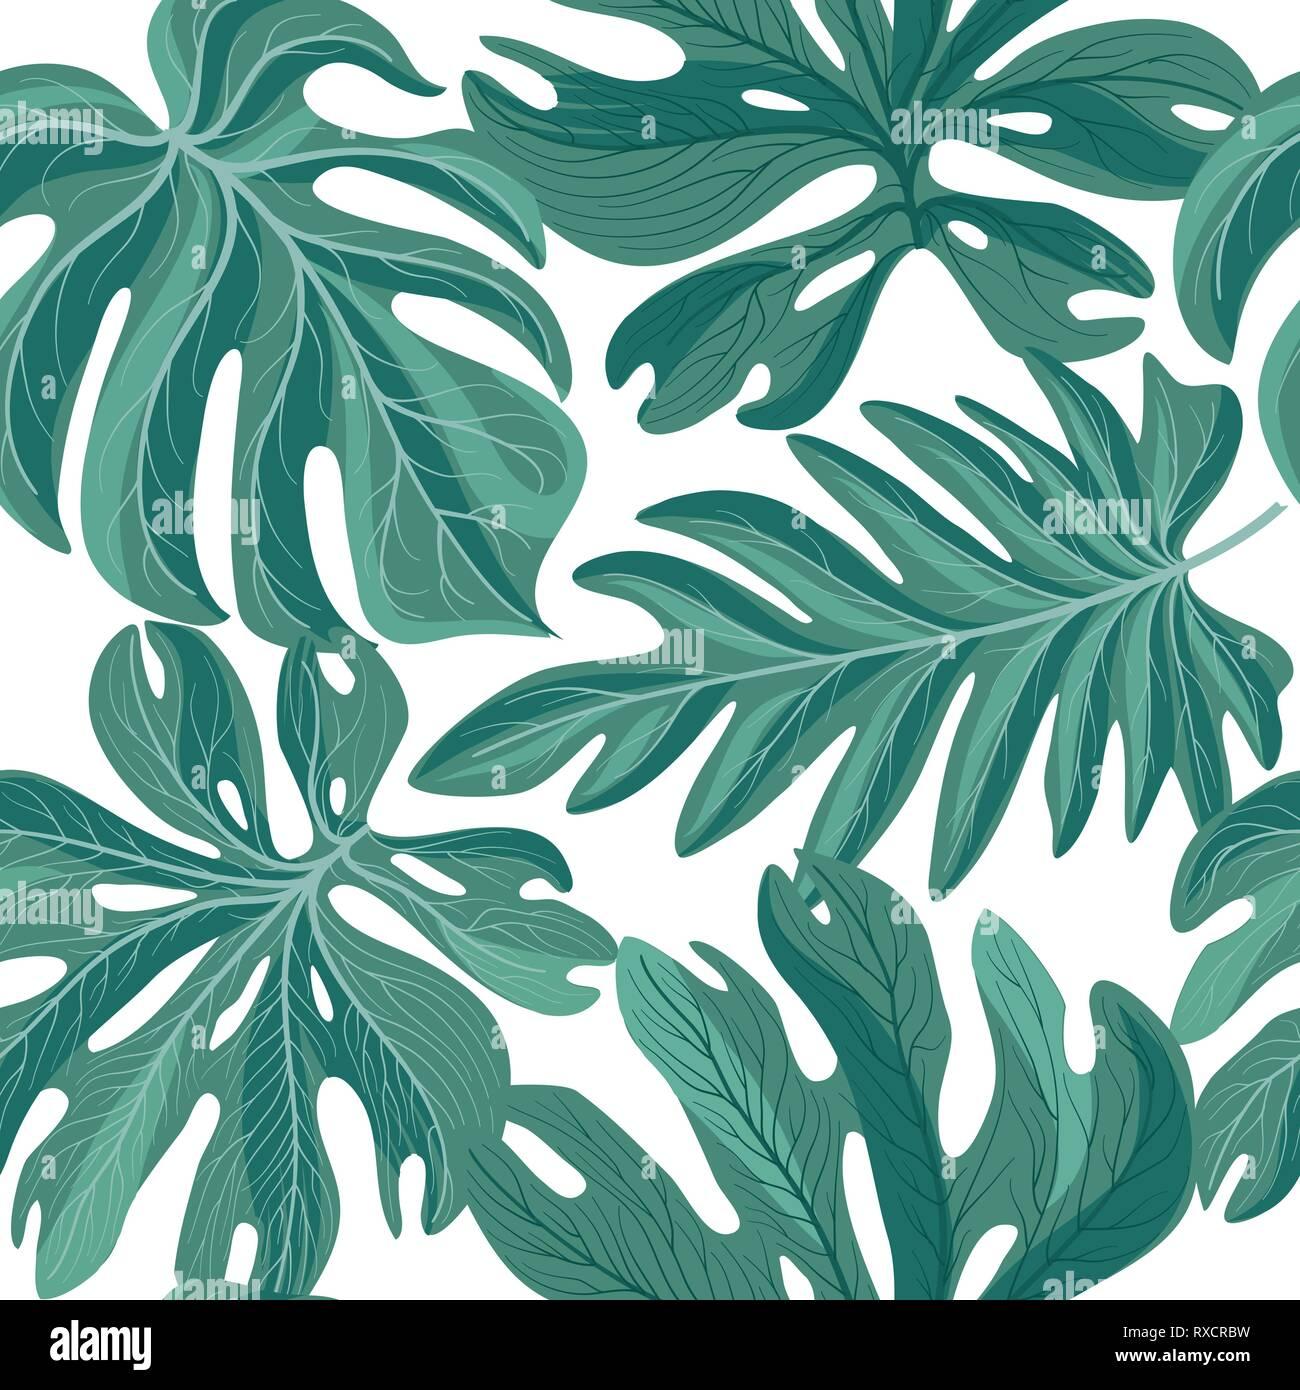 Papier Peint Motif Nature feuilles de palmier tropcal modèle homogène. belles feuilles